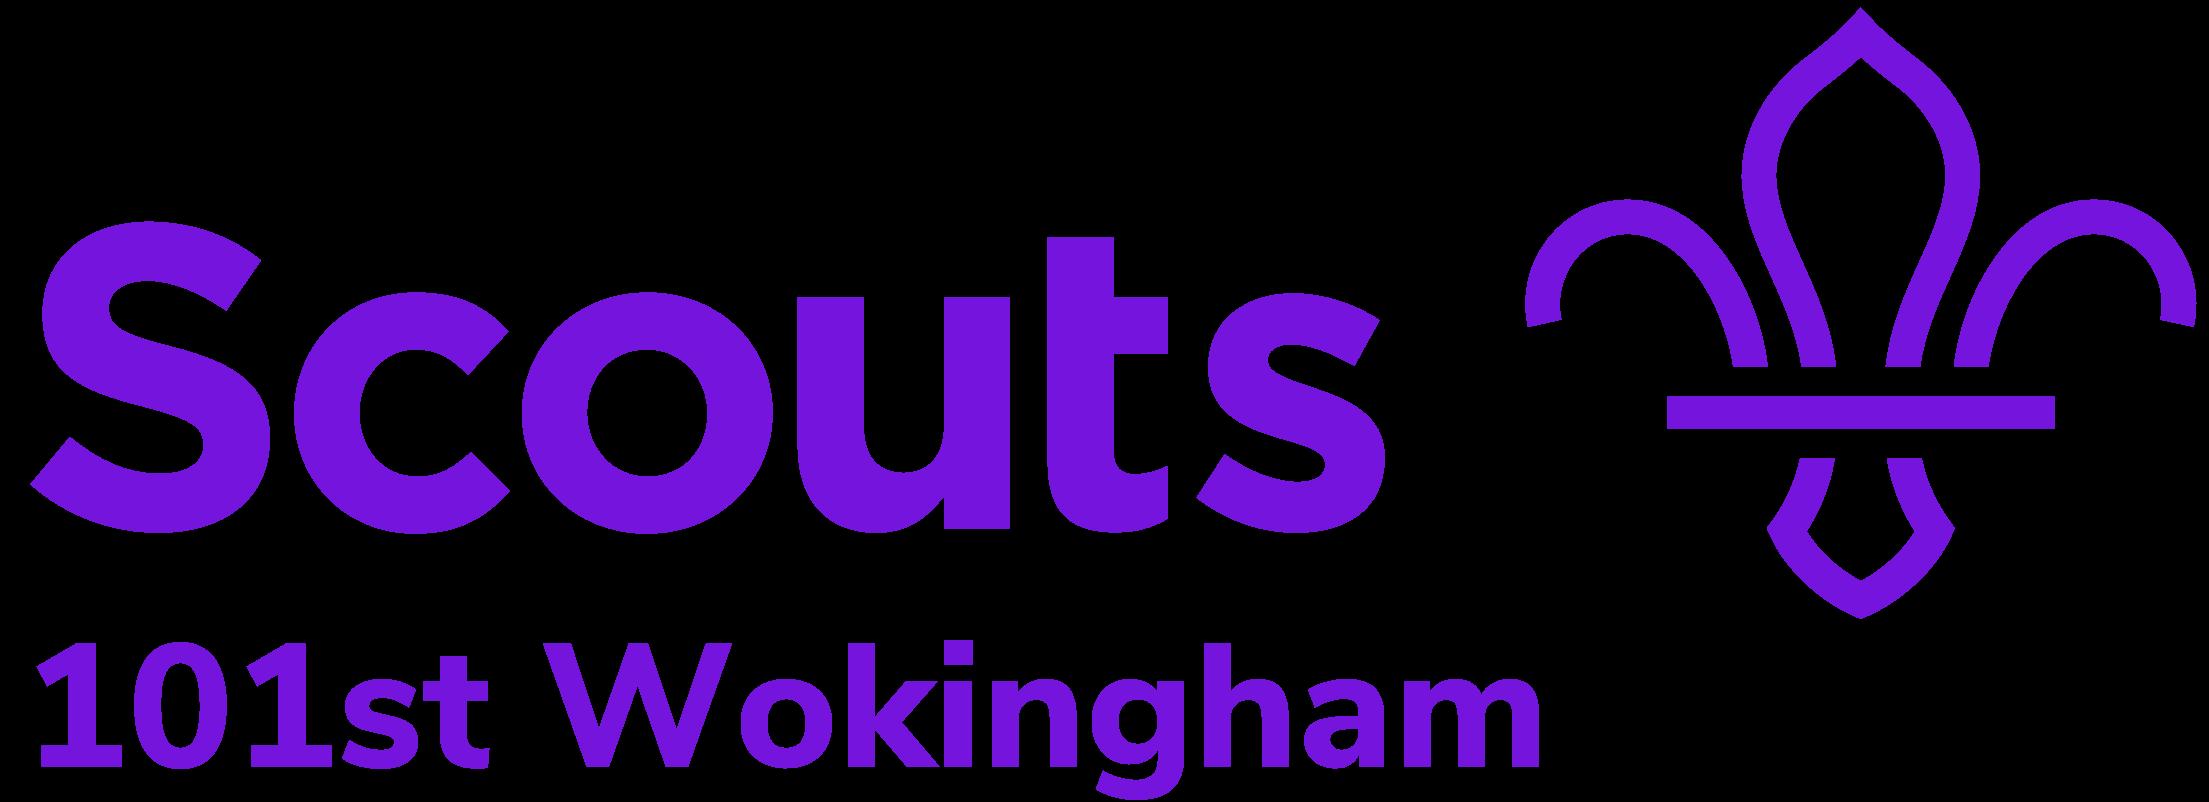 101st Wokingham Scouts